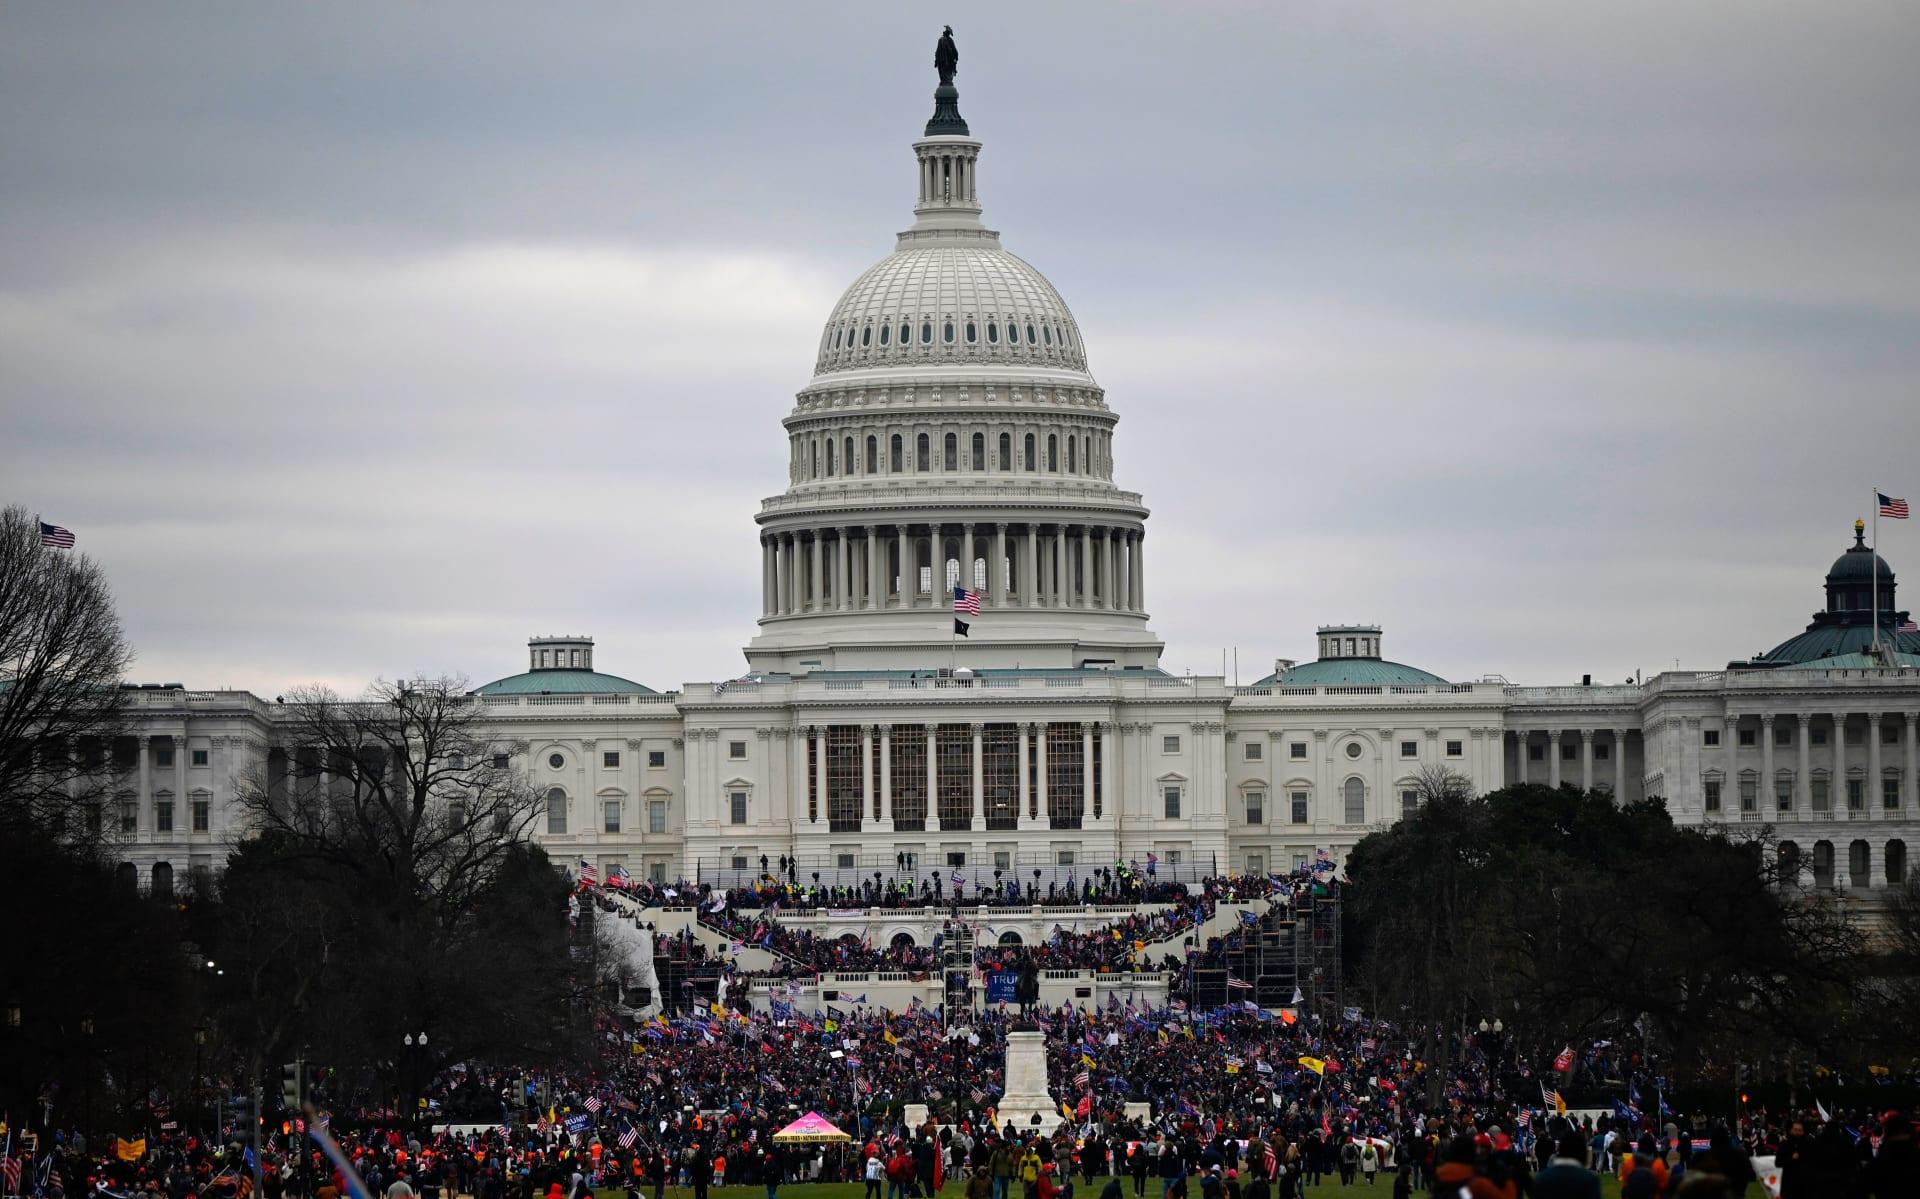 أنصار الرئيس الأمريكي دونالد ترامب يتظاهرون خارج مبنى الكونغرس في 6 يناير 2021